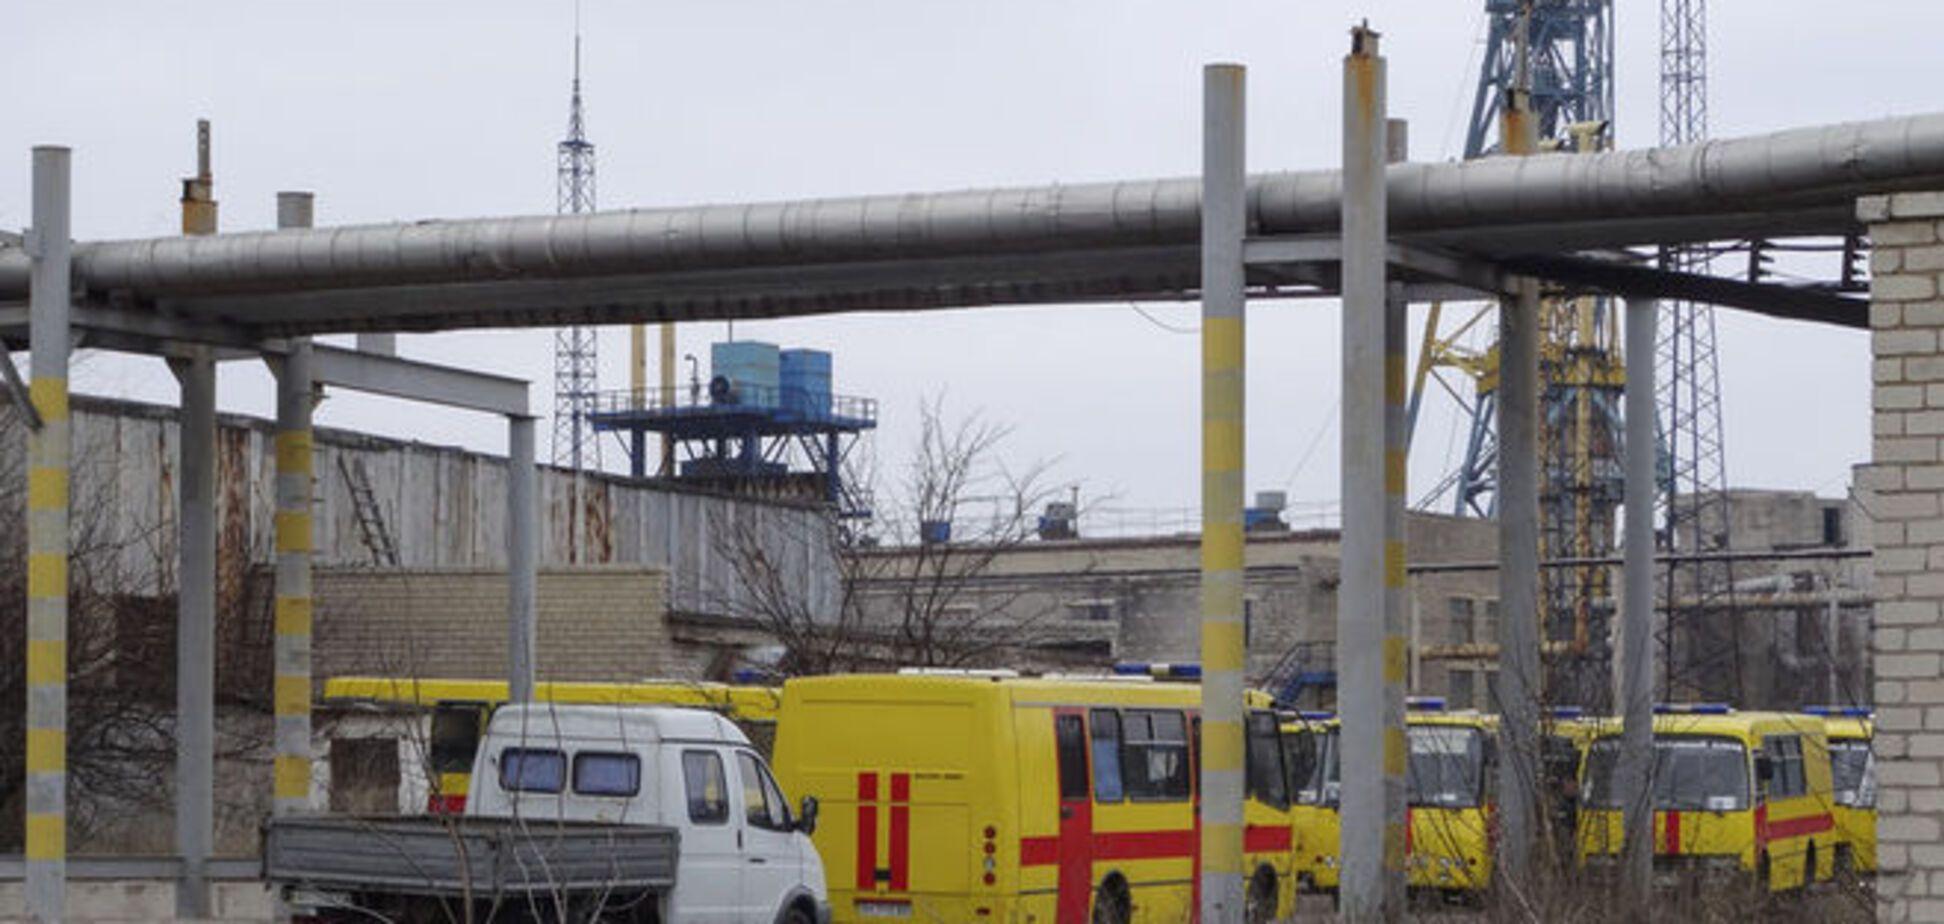 МЧС России предложило помощь в поиске горняков на шахте Засядько